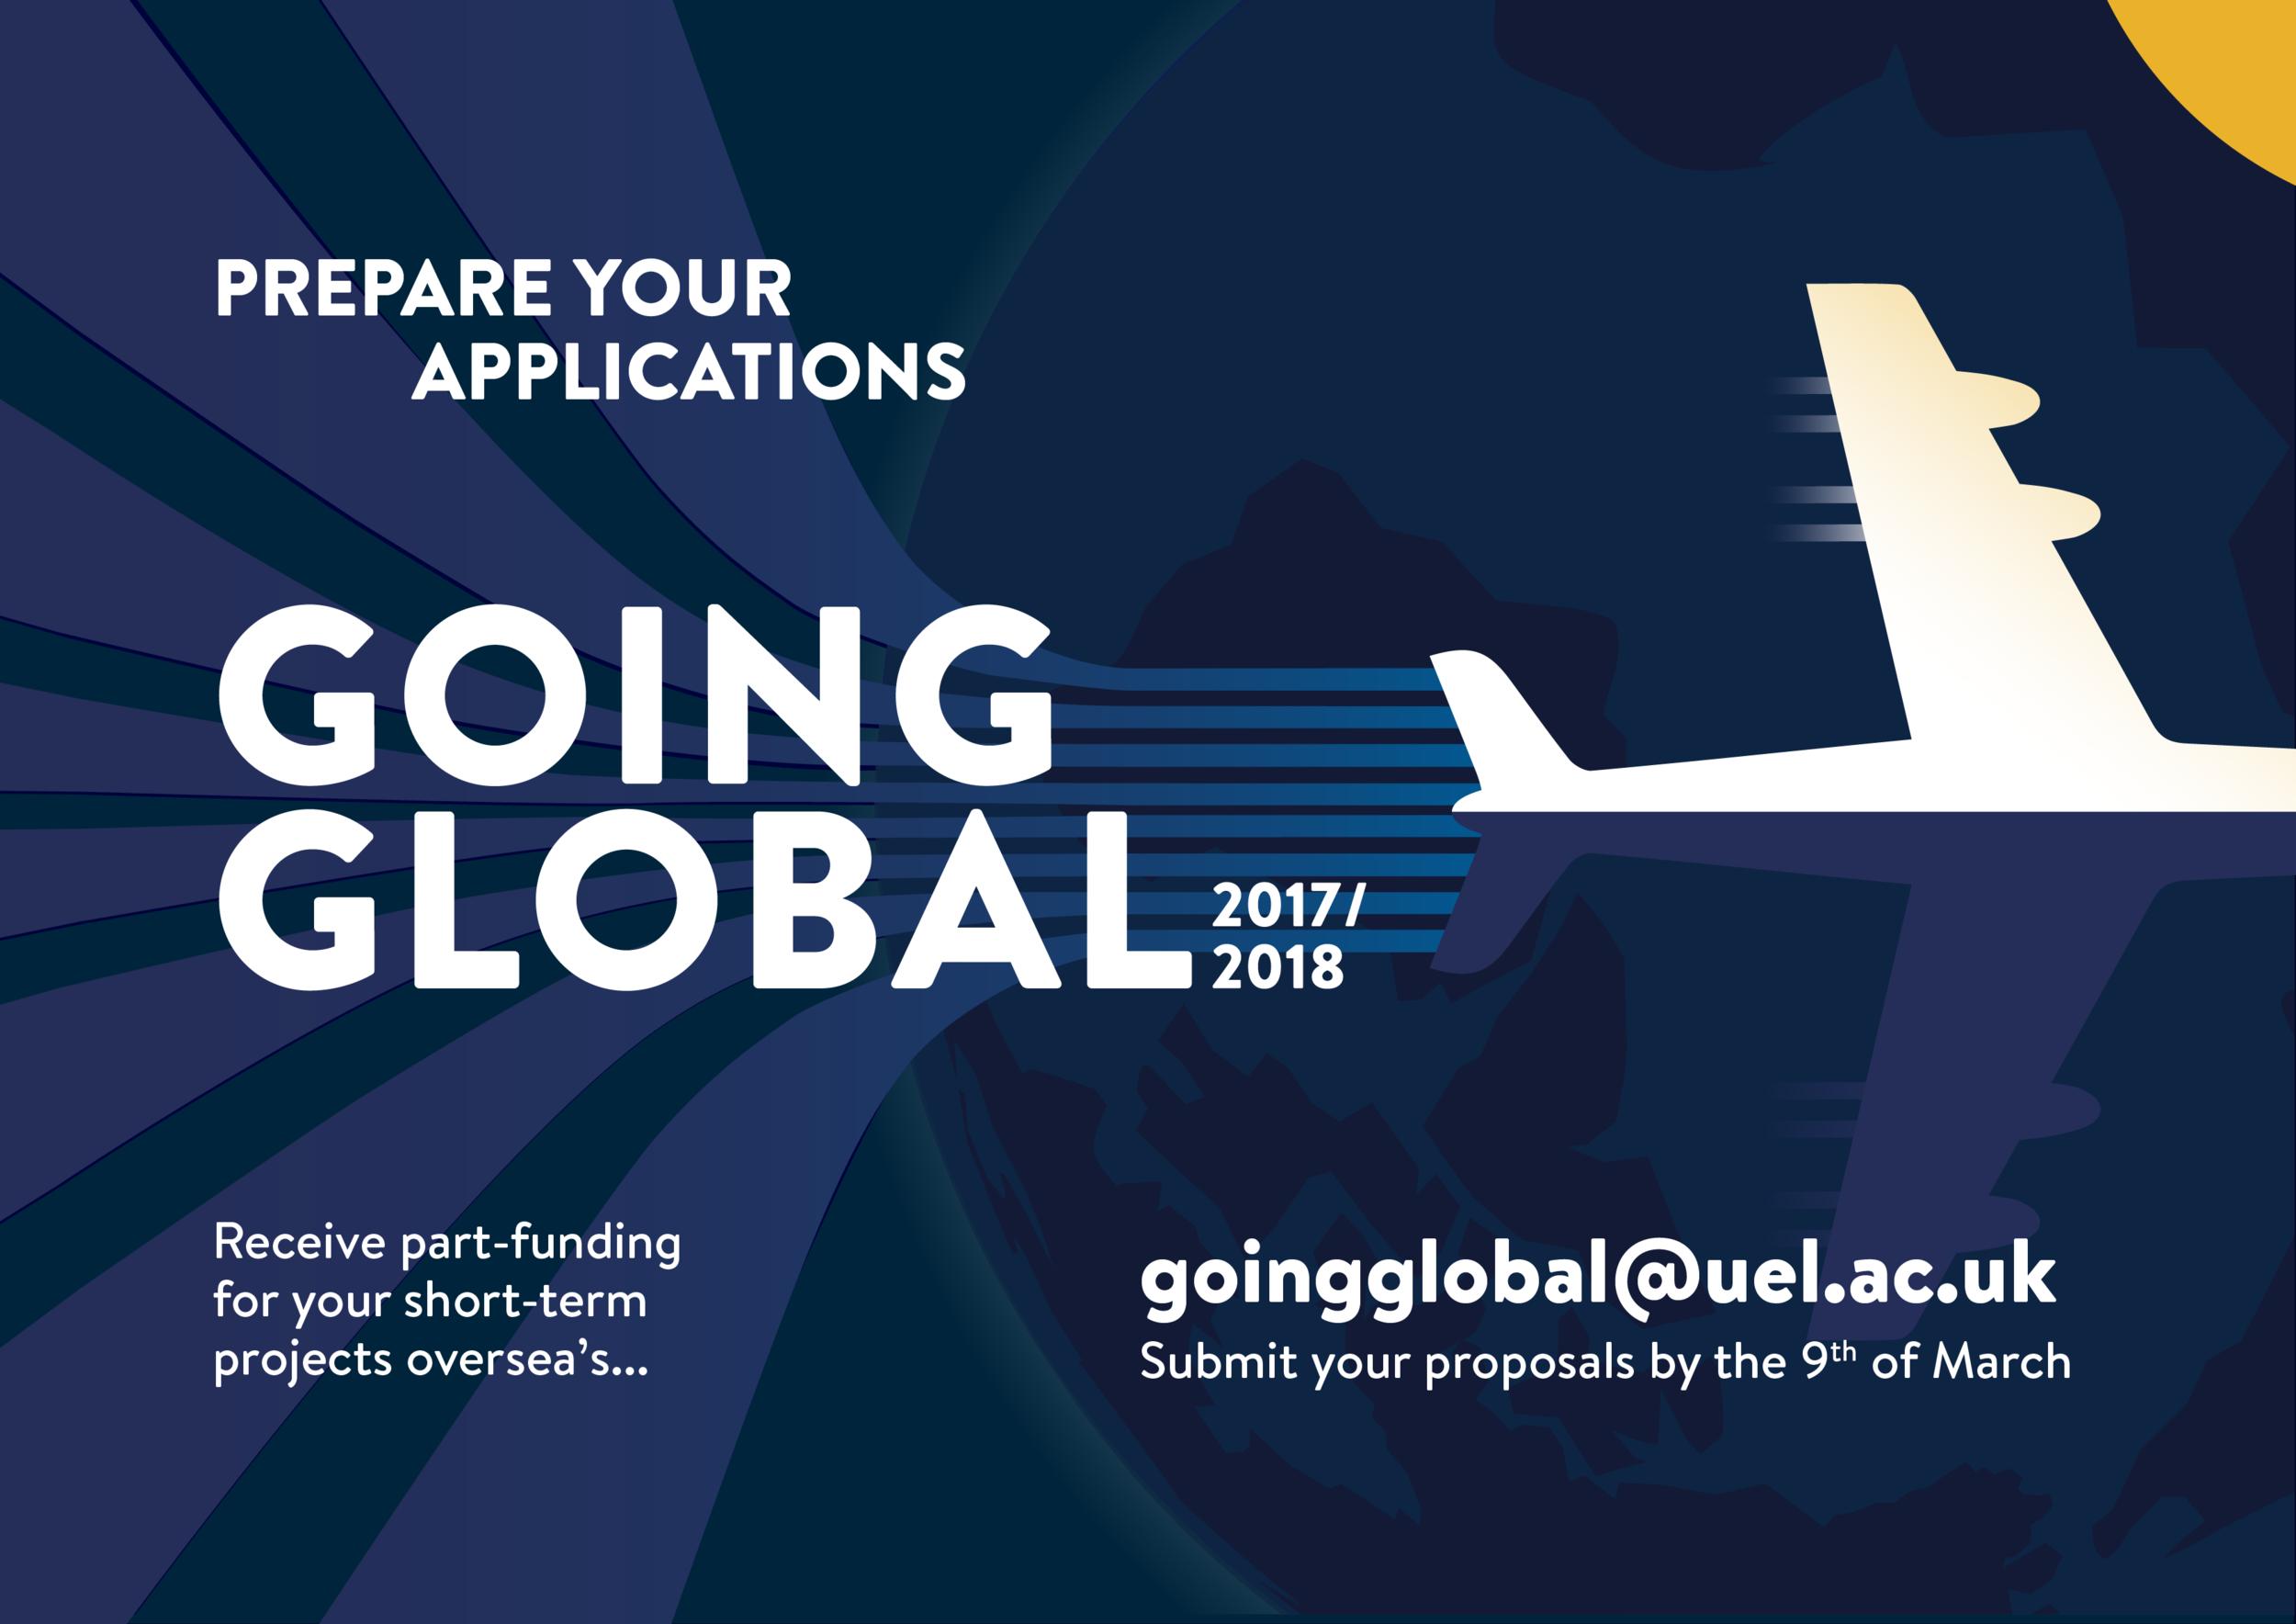 GoingGlobal-Draft-design-3.png